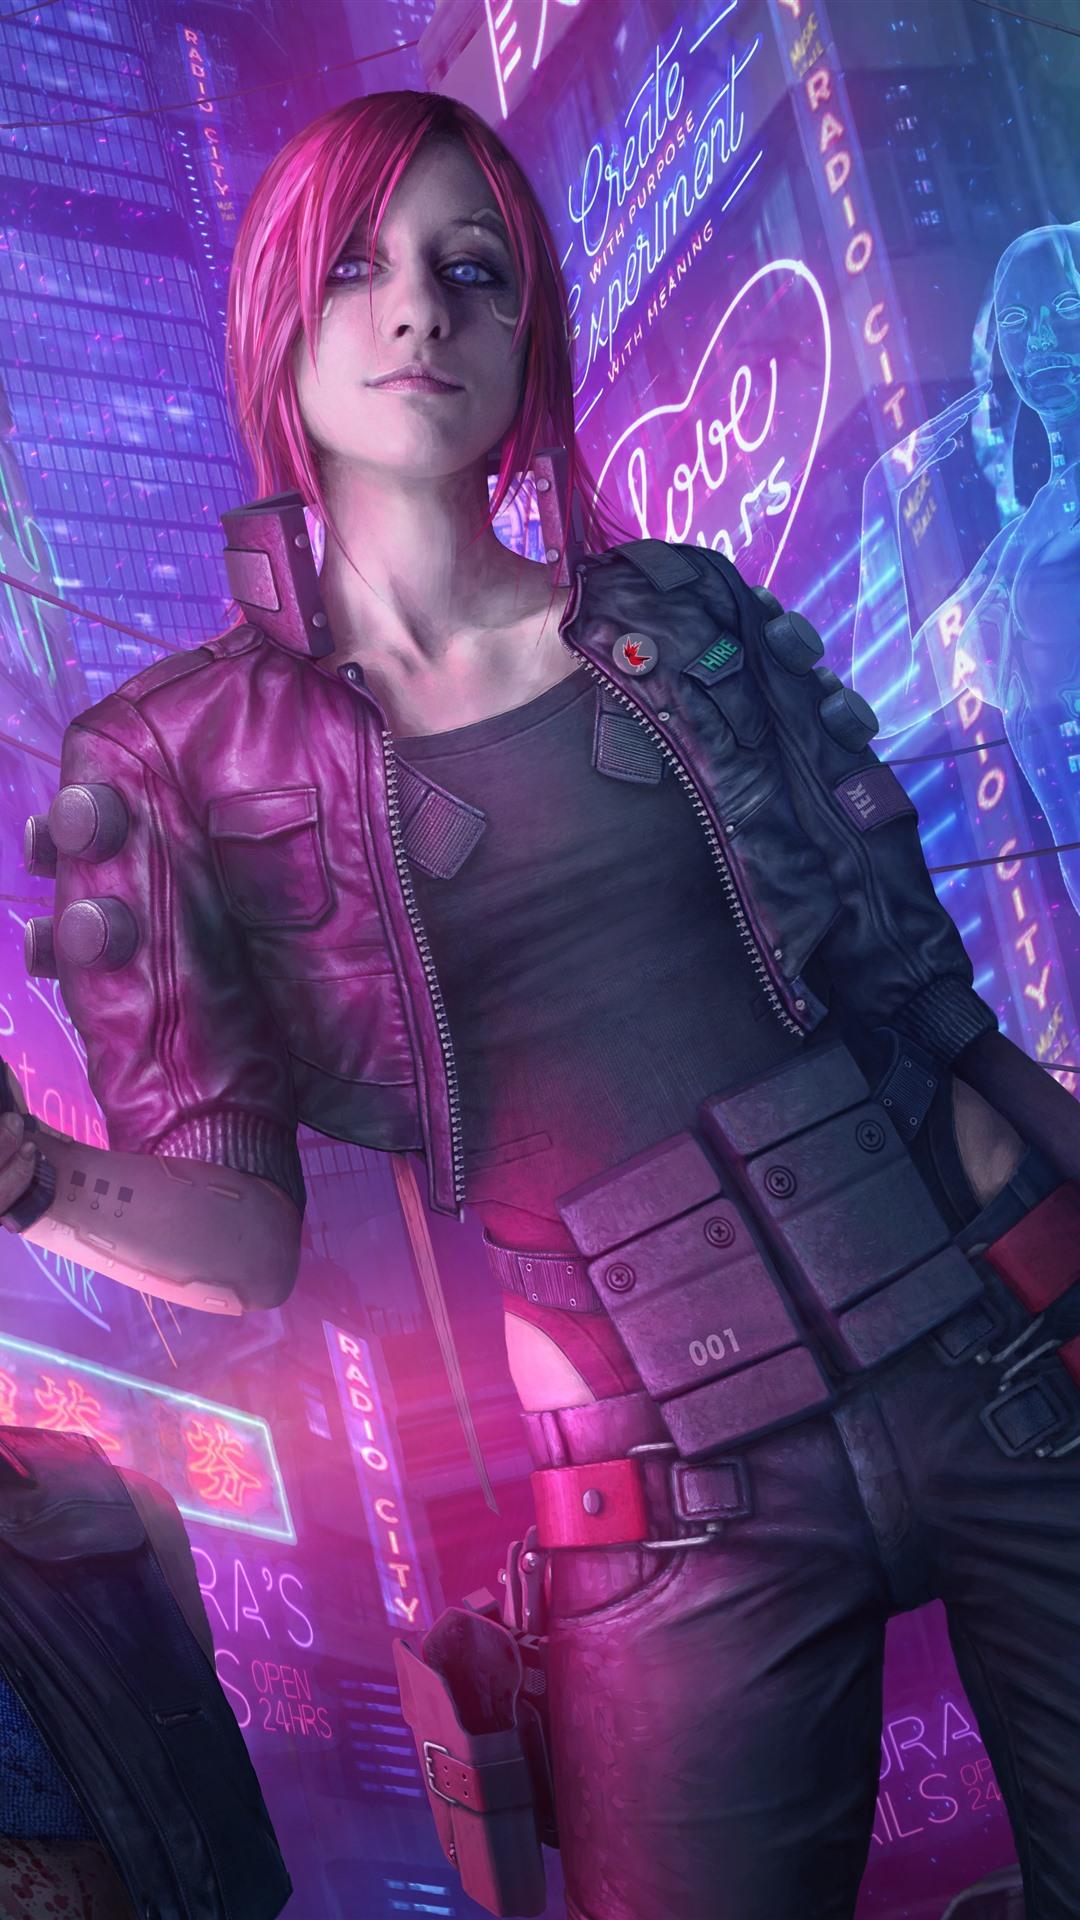 Wallpaper Cyberpunk 2077, pink hair girl, gun, city